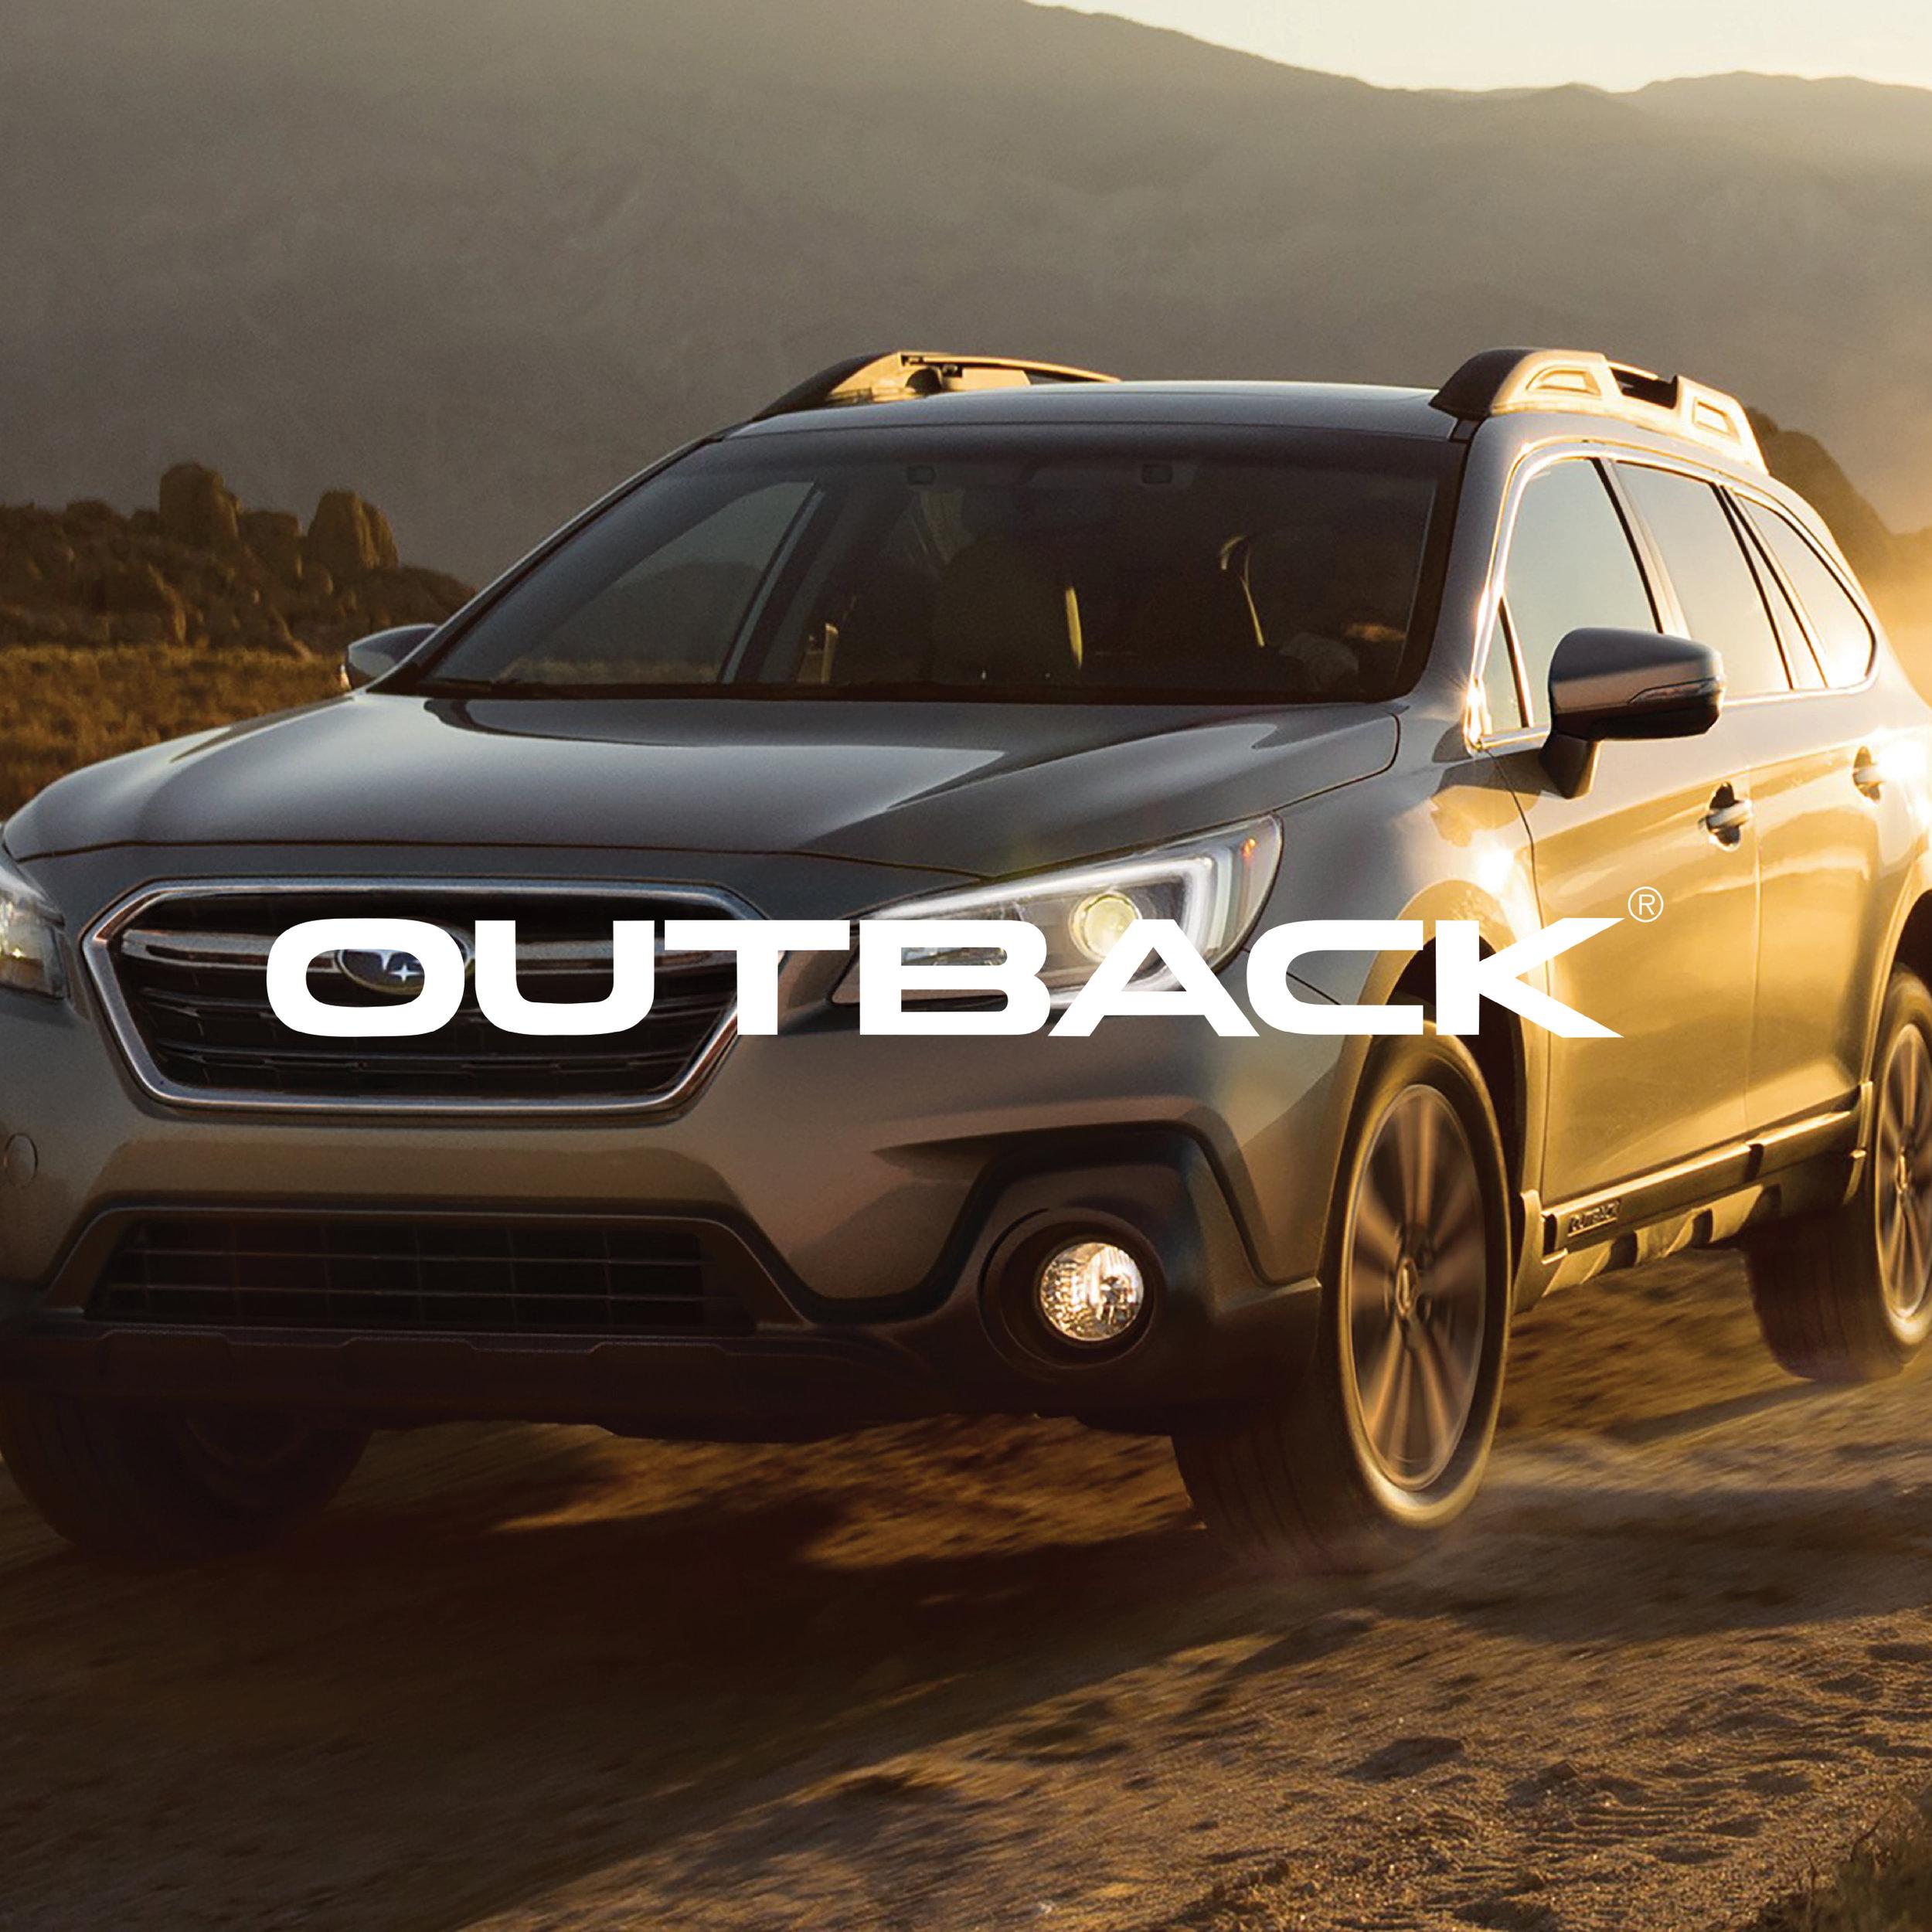 Outback (Subaru)